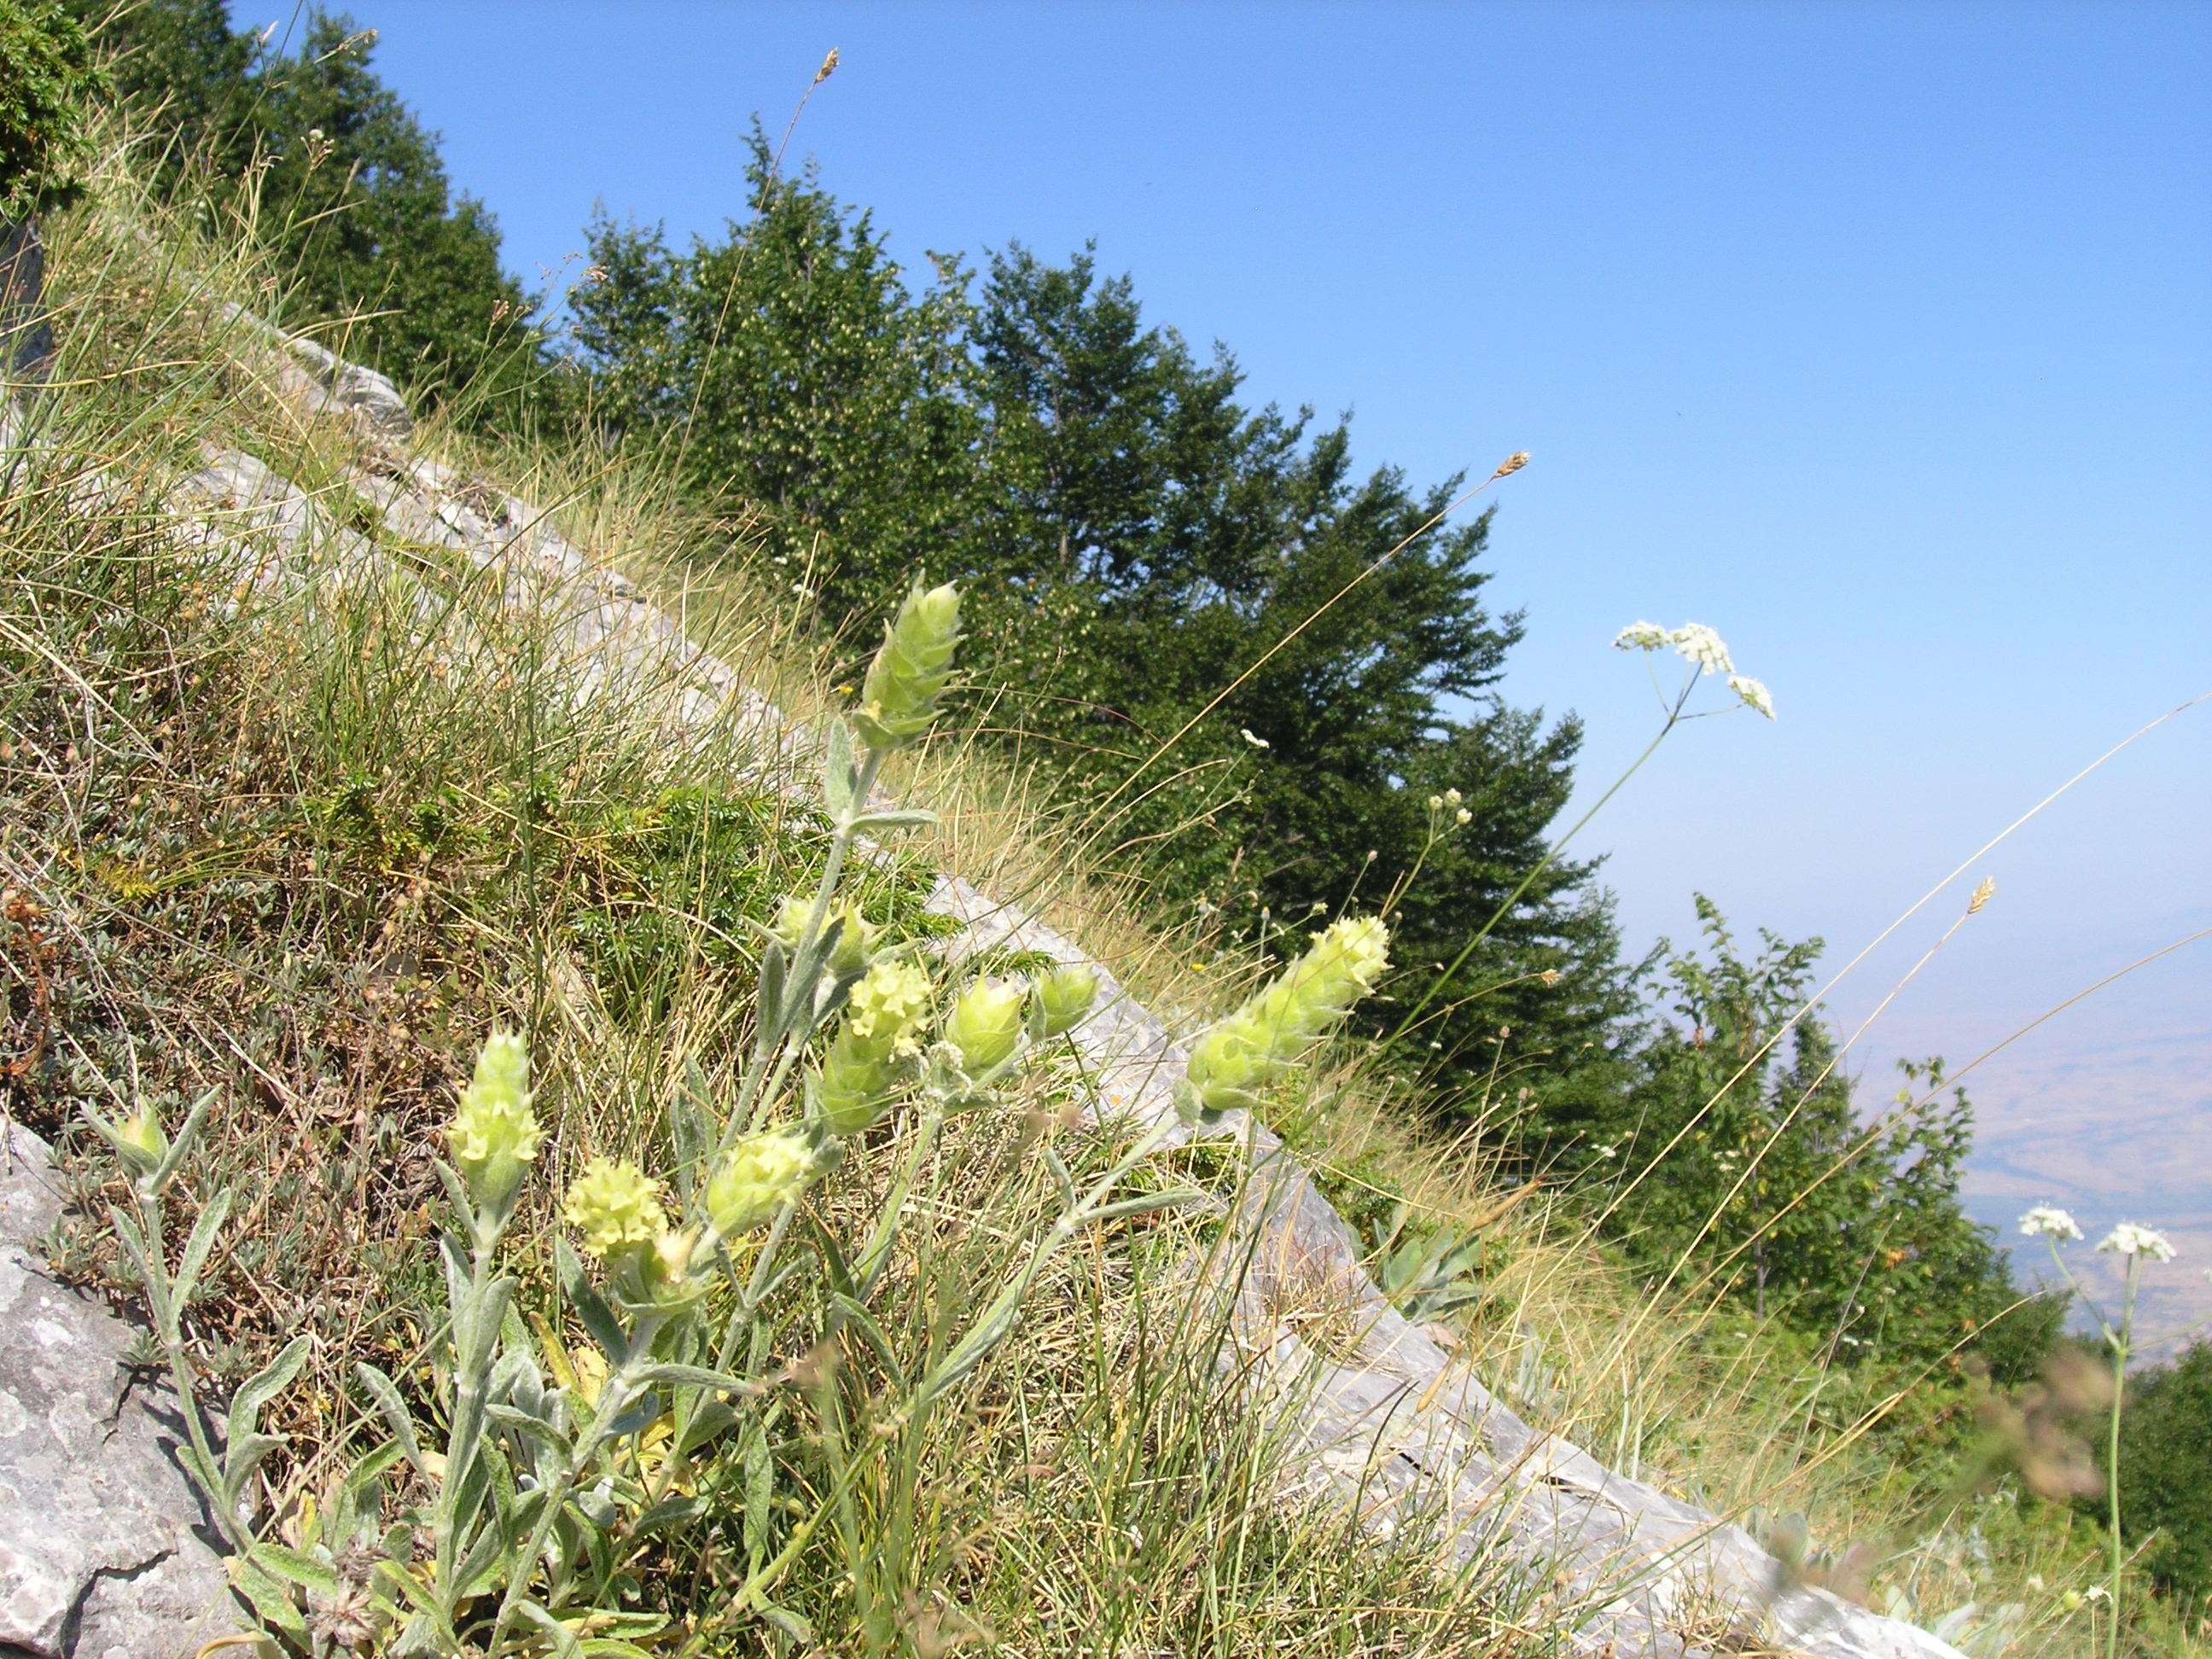 Τοπικοί φορείς καταγγέλλουν πως στον Πάρνωνα η περιοχή εξάπλωσης του σιδερίτη (τσάι του βουνού) έχει περιοριστεί αρκετά τα τελευταία χρόνια, λόγω της υπέρμετρης συλλογής και παράνομης εμπορίας του. Το ίδιο έχει συμβεί με τη ρίγανη, τη μαντζουράνα, το δίκταμο κ.ά.